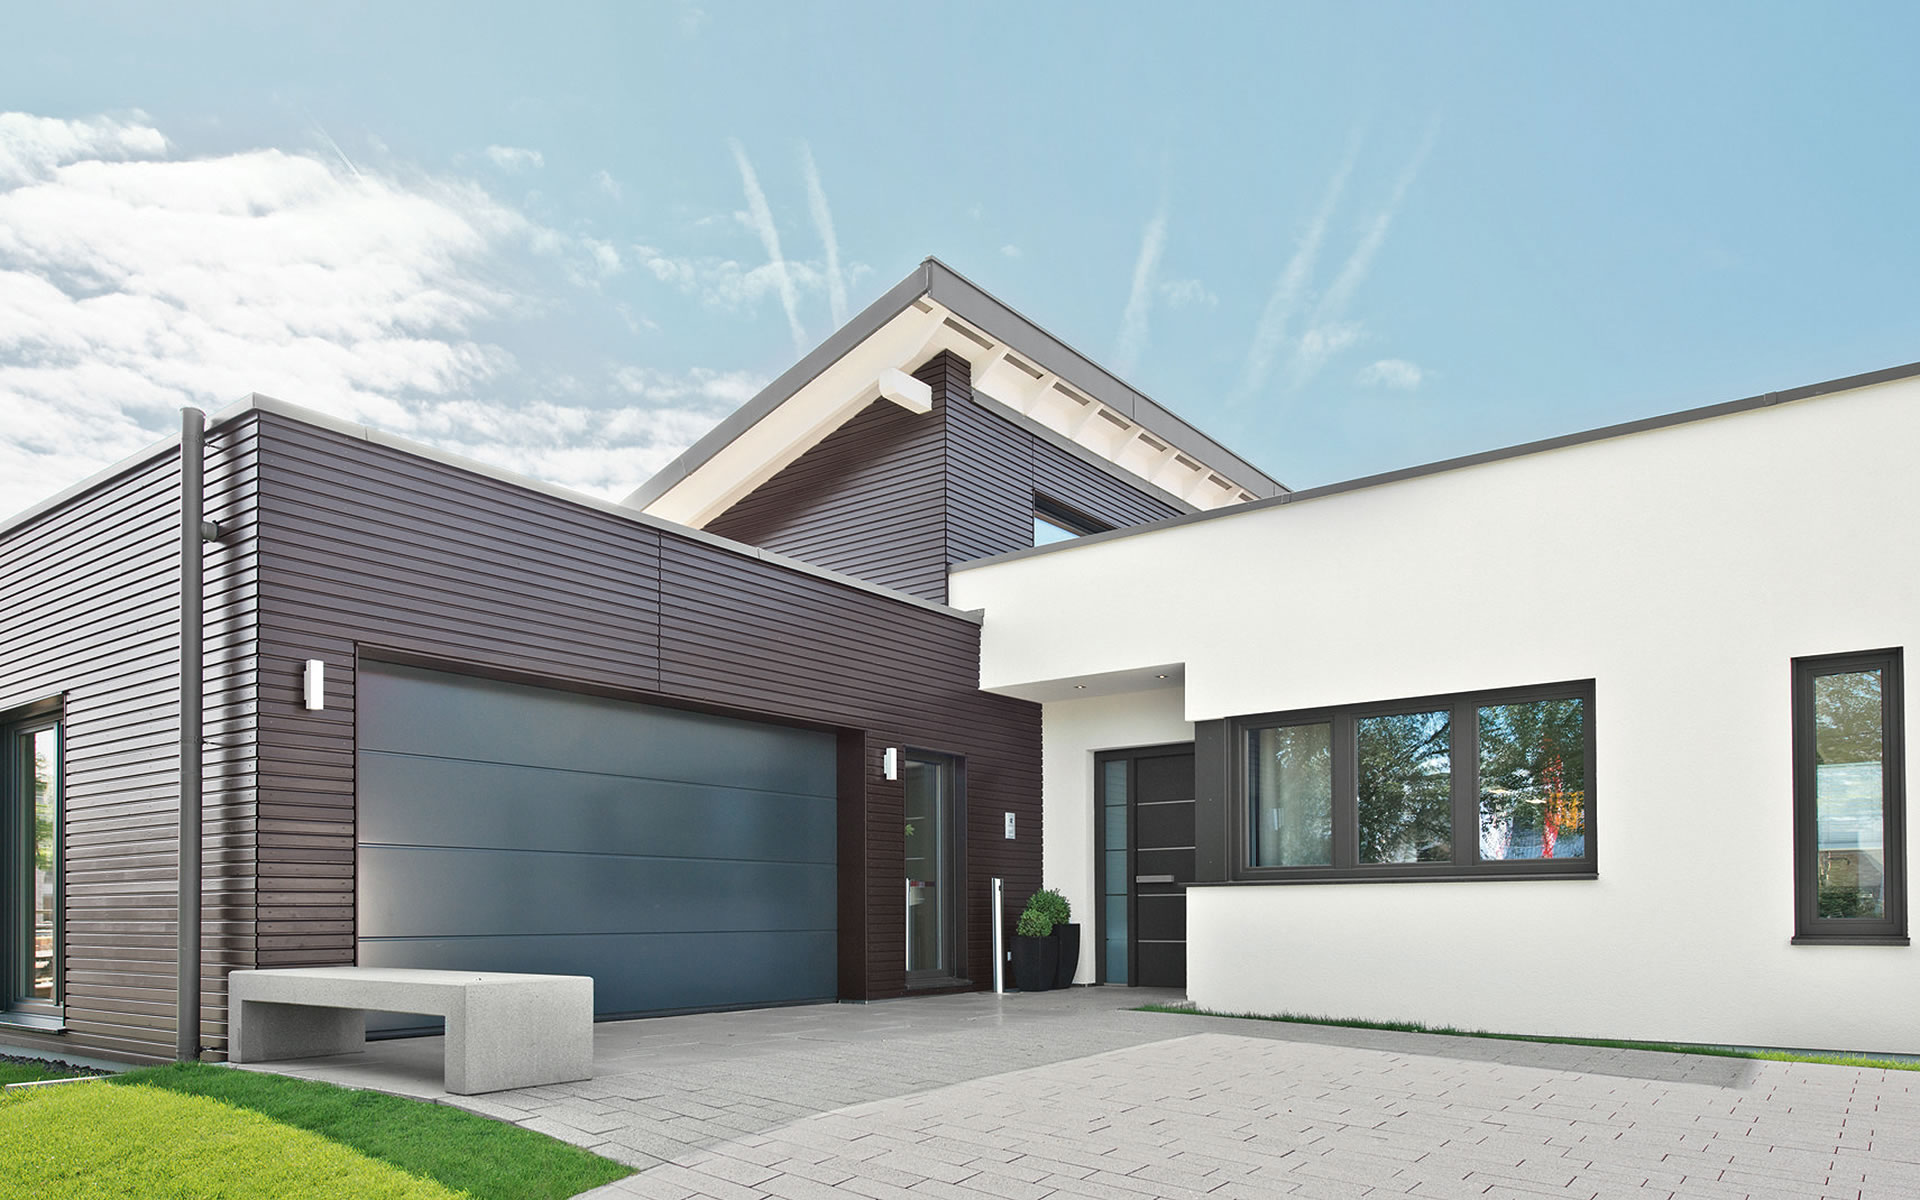 Musterhaus Mannheim (ebenLeben) von WeberHaus GmbH & Co. KG